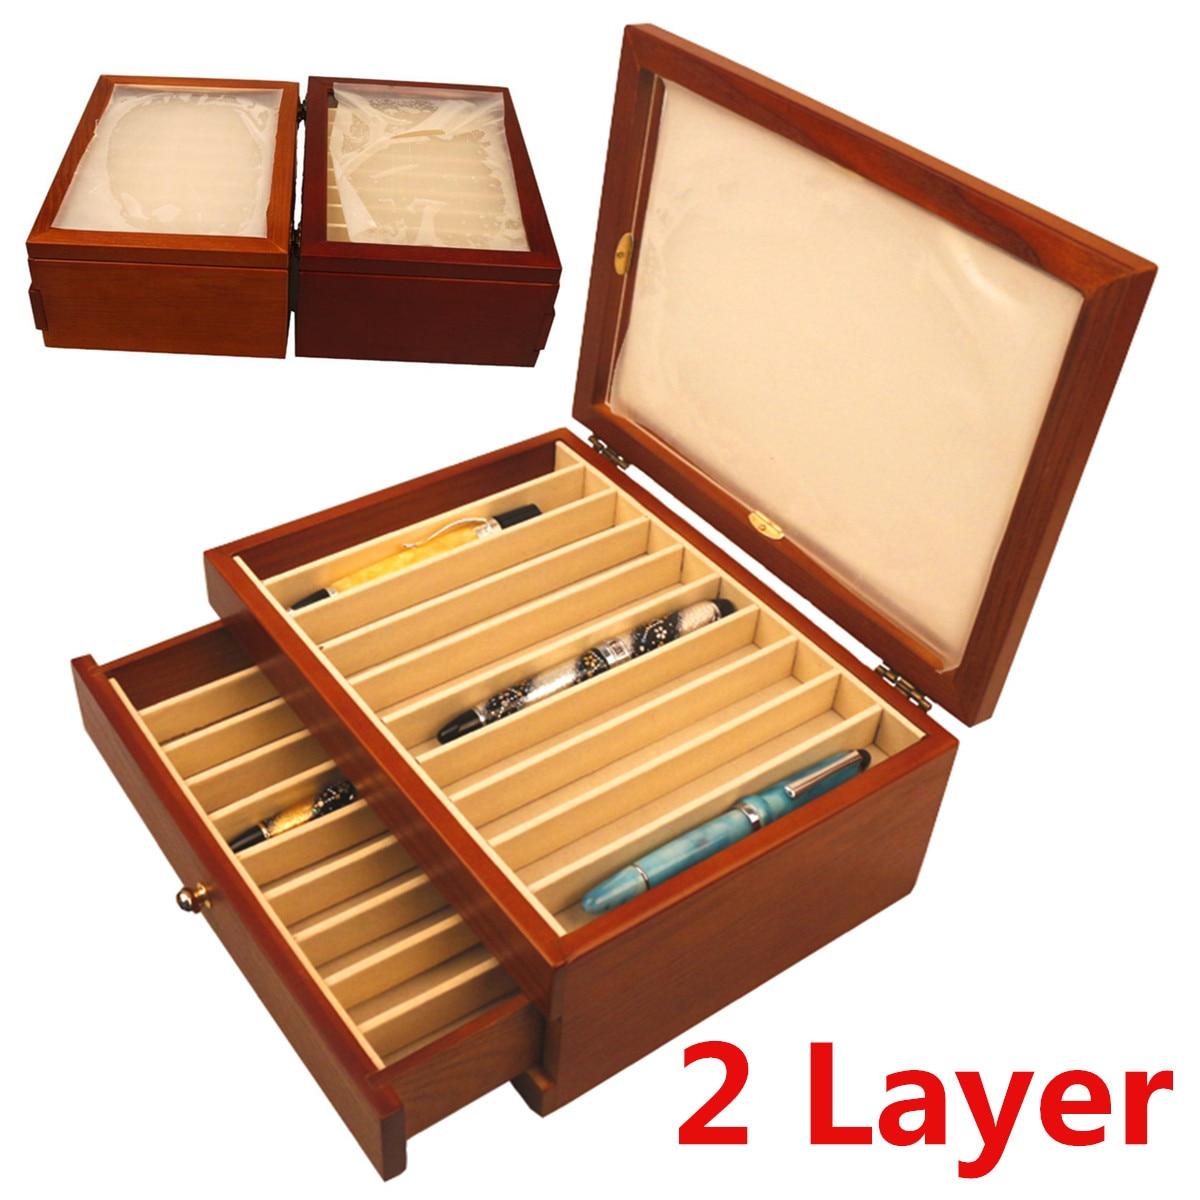 Boîte à stylo en bois 2 couches boîte en bois de grande capacité stylo plume présentoir à crayons étui de rangement en bois 20 porte-stylos